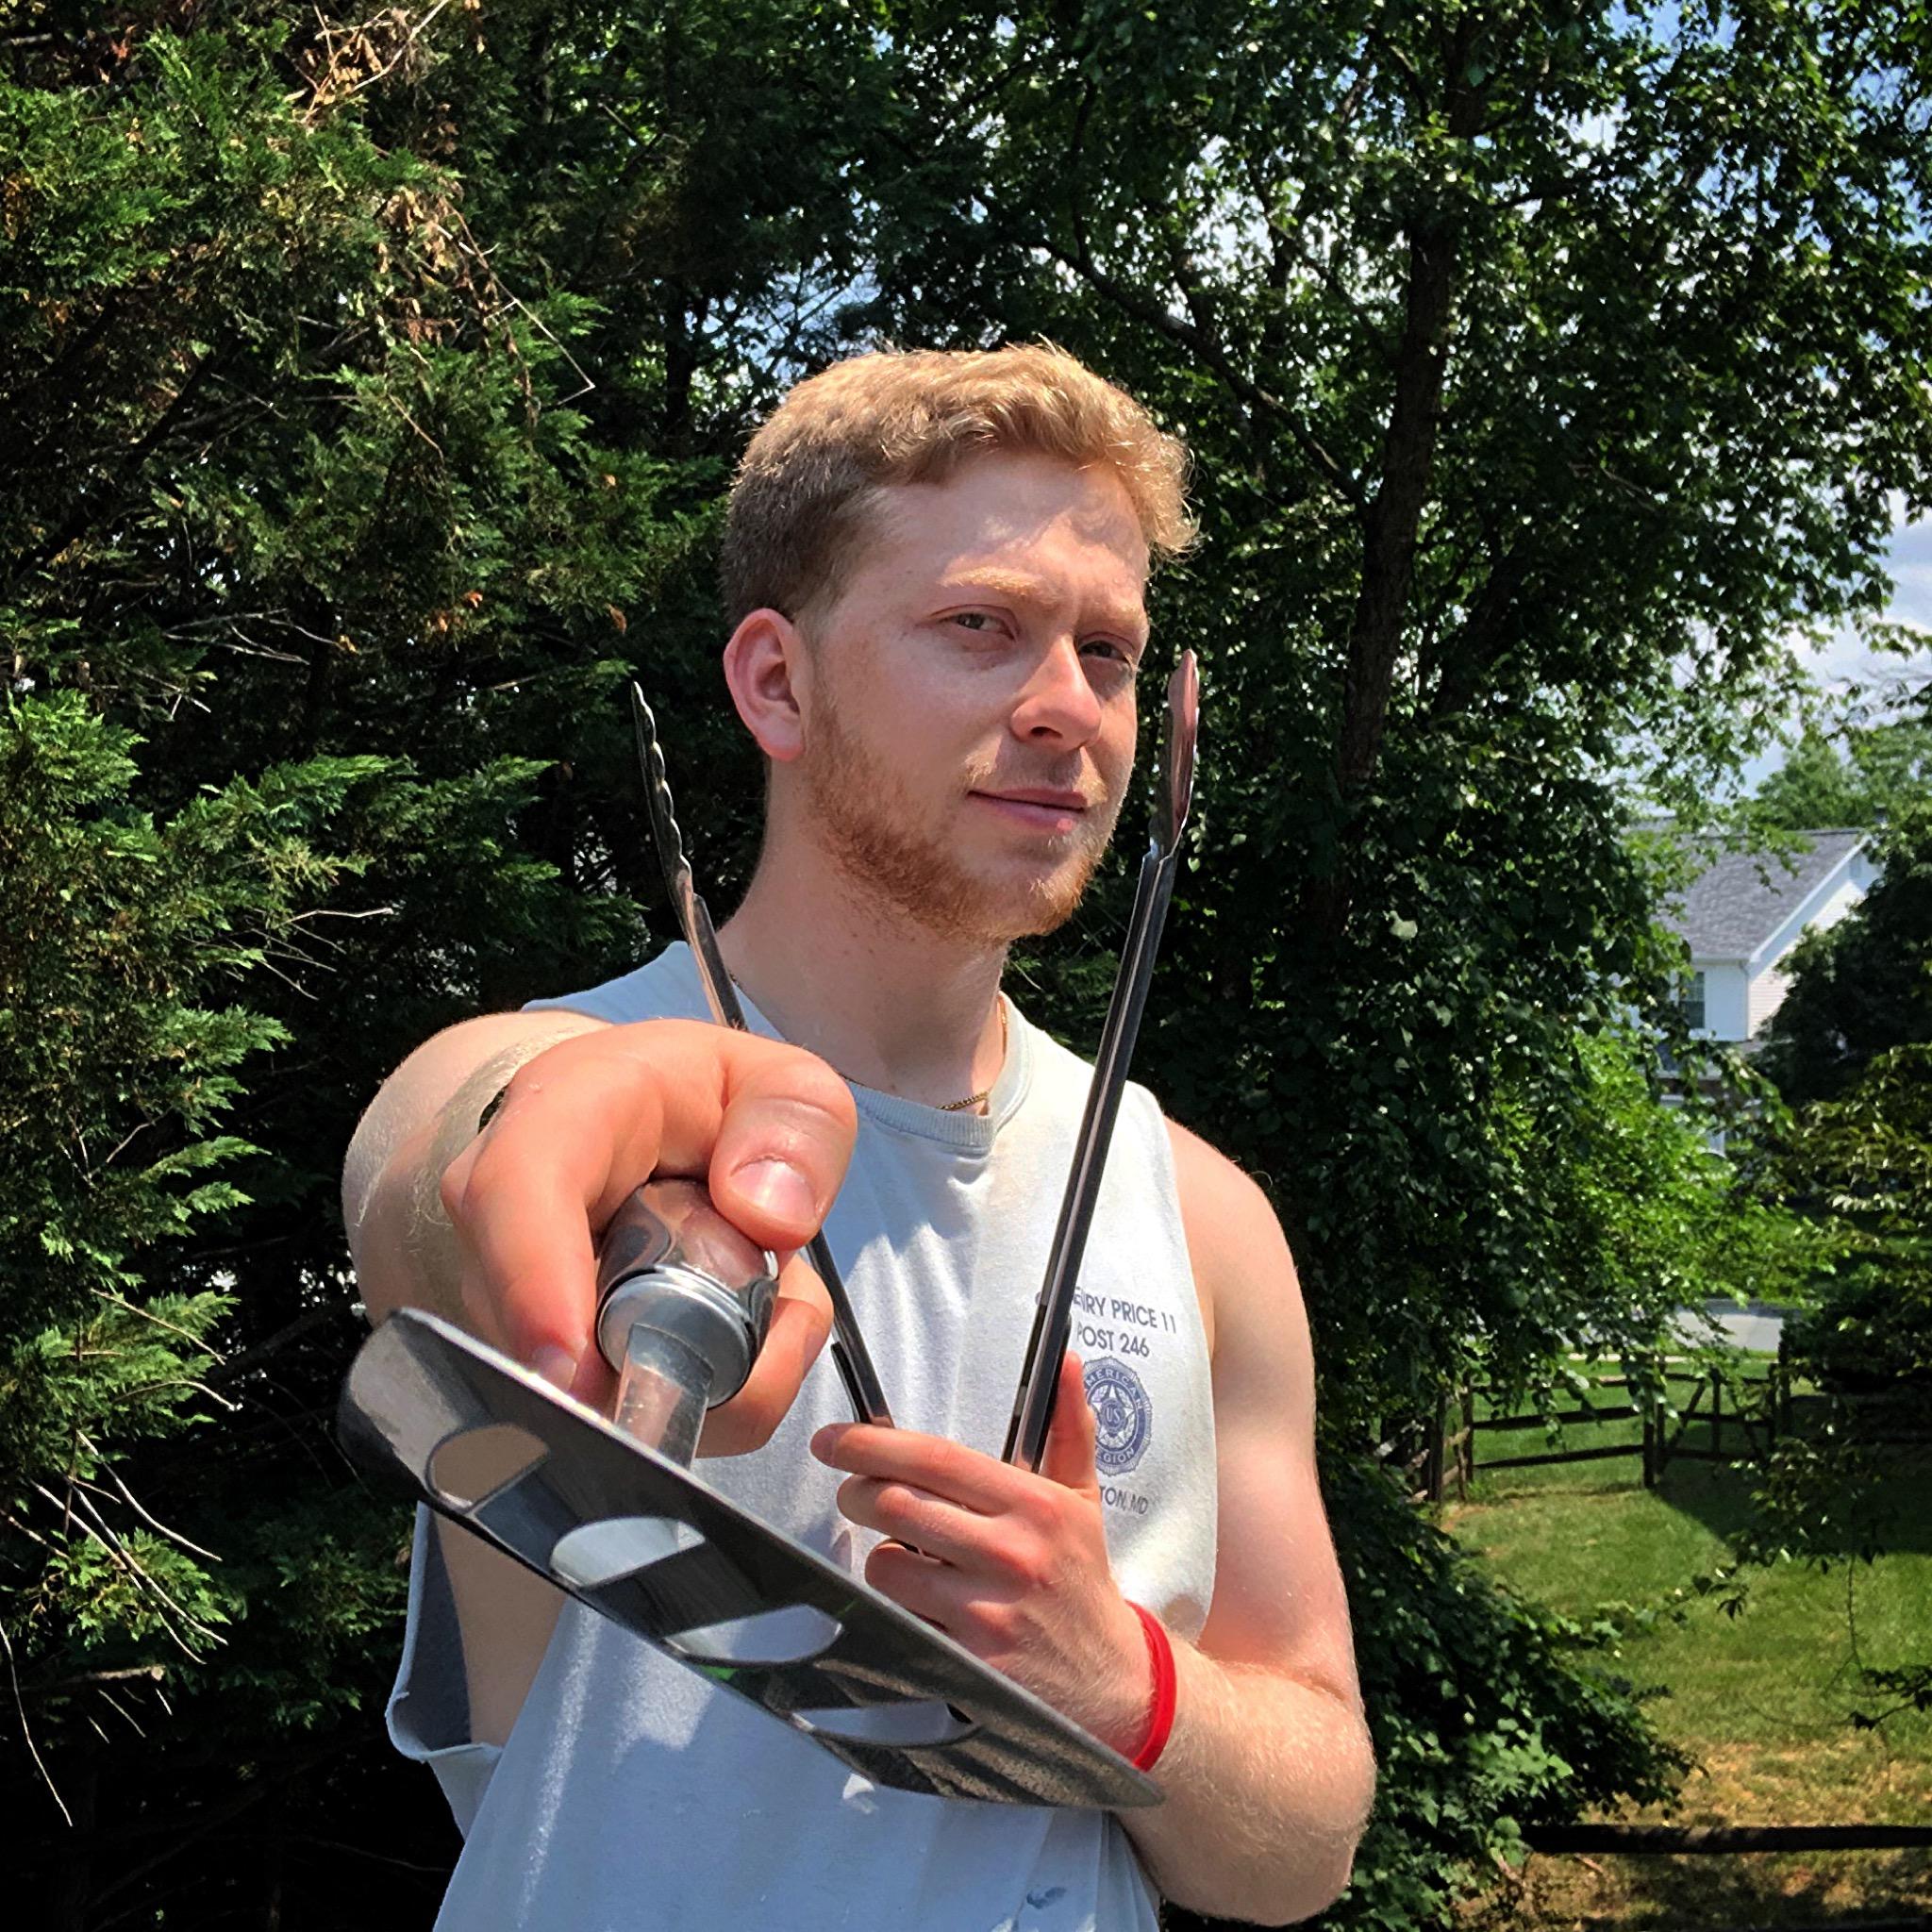 Myself holding a Spatula